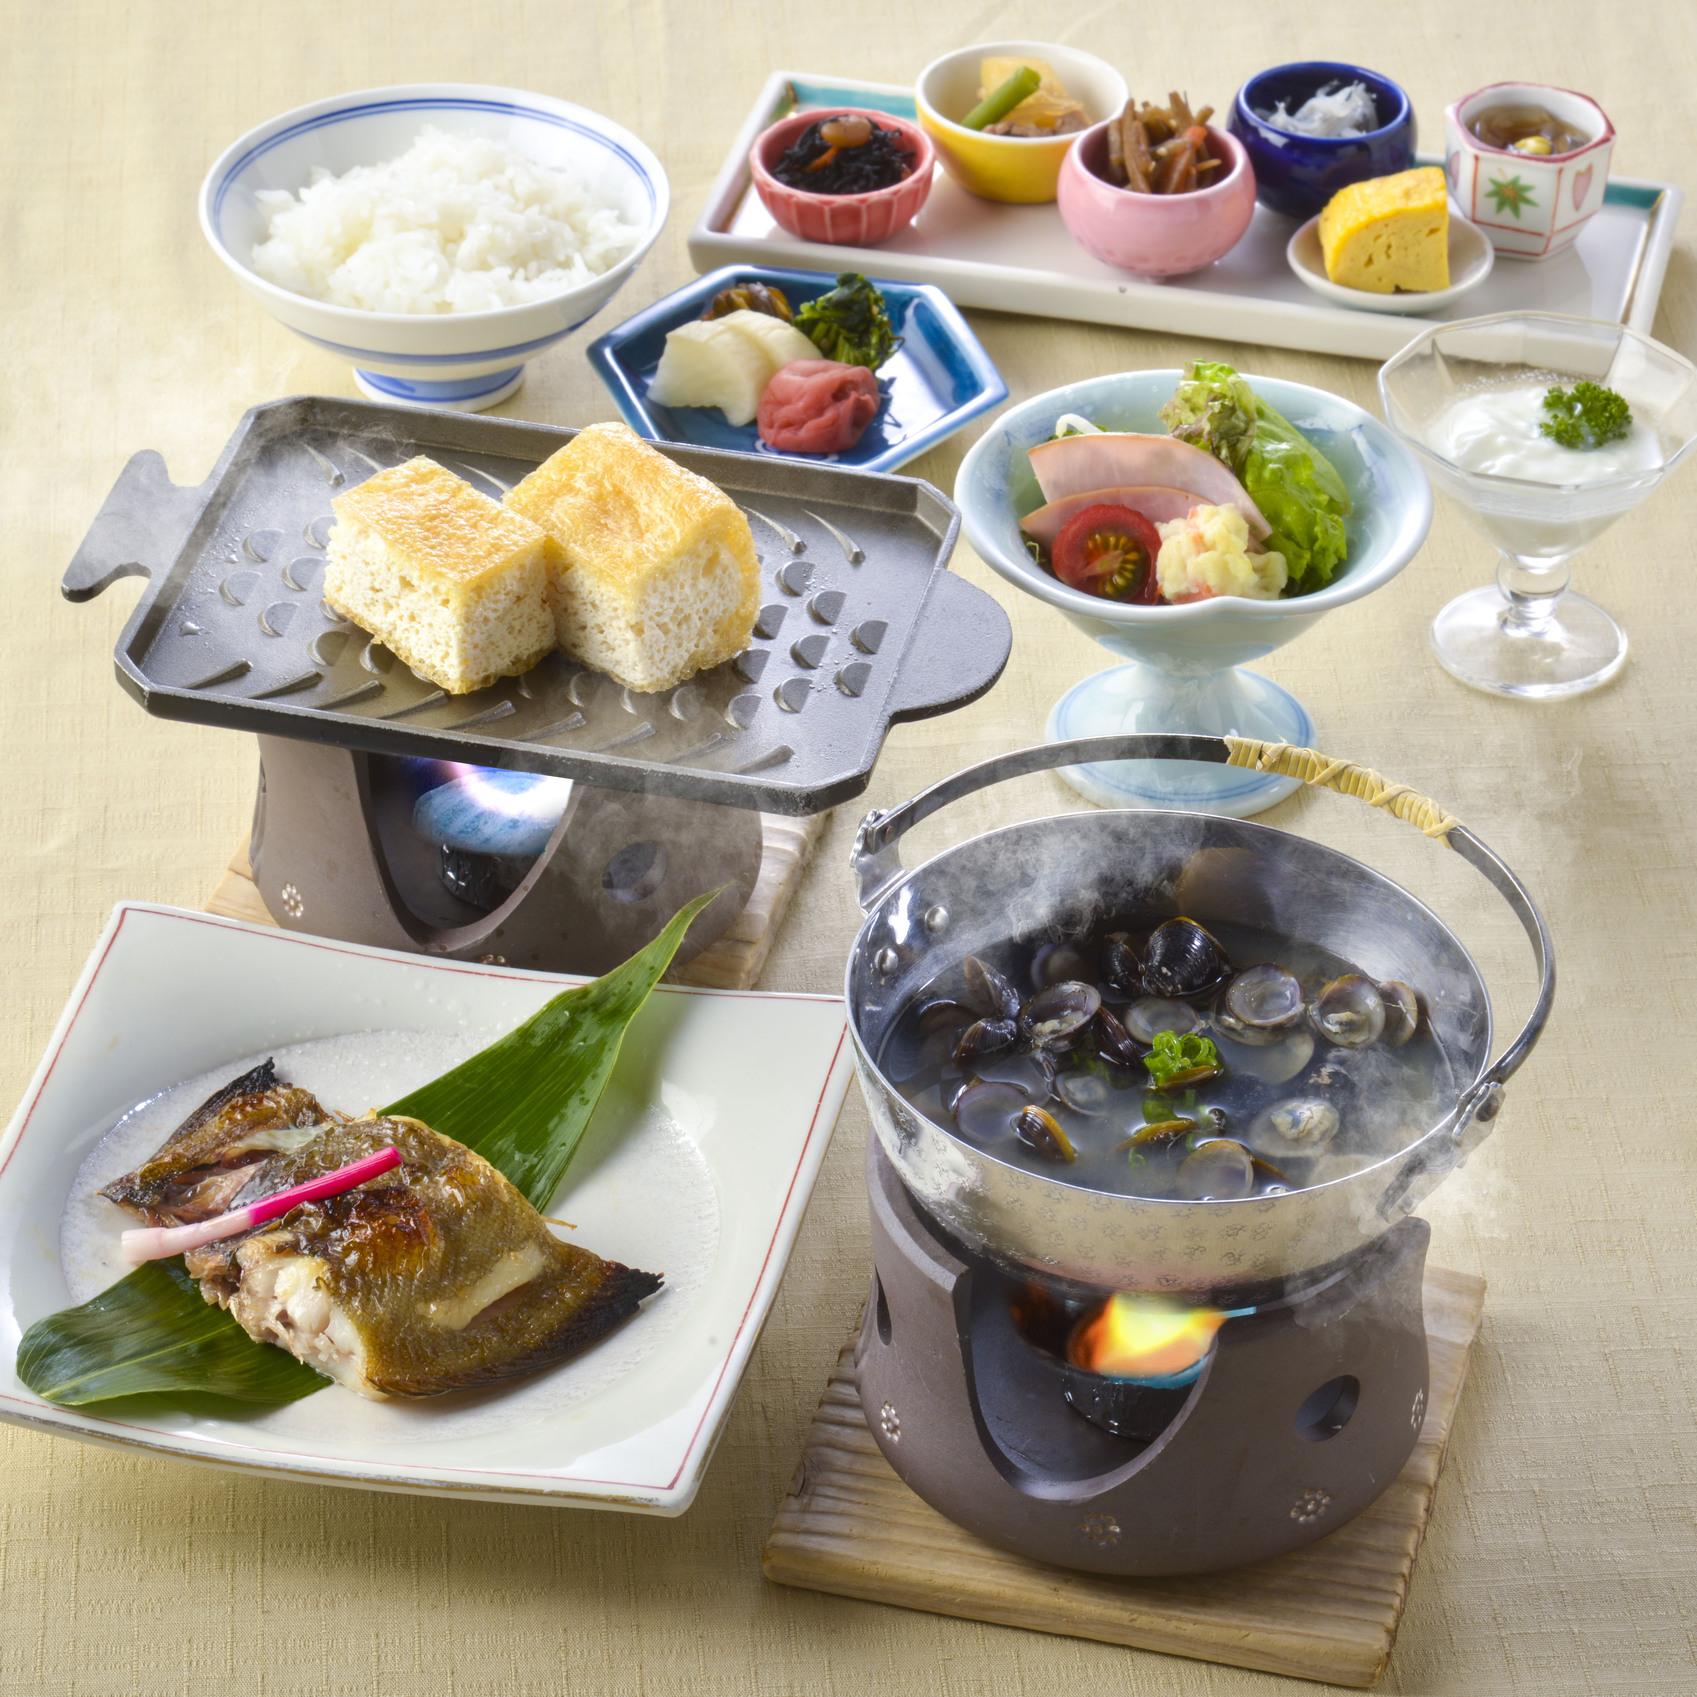 【朝食付】1日の始まりは朝食から!若狭ガレイ・しじみ・厚揚げ等の地元食材を取り入れた和朝食